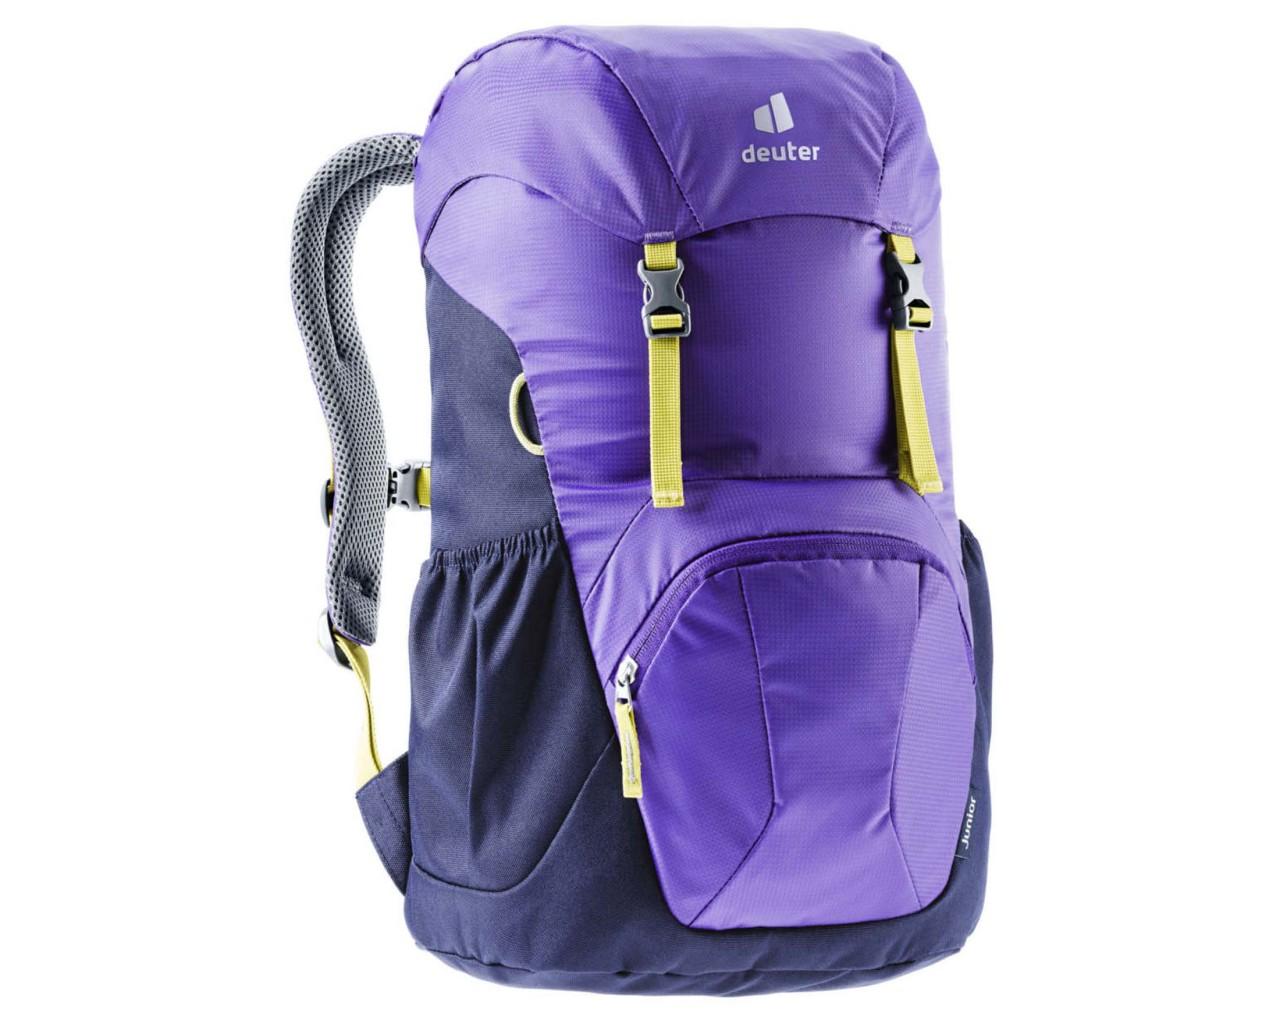 Deuter Junior Kinder-Rucksack PFC-frei | violet-navy